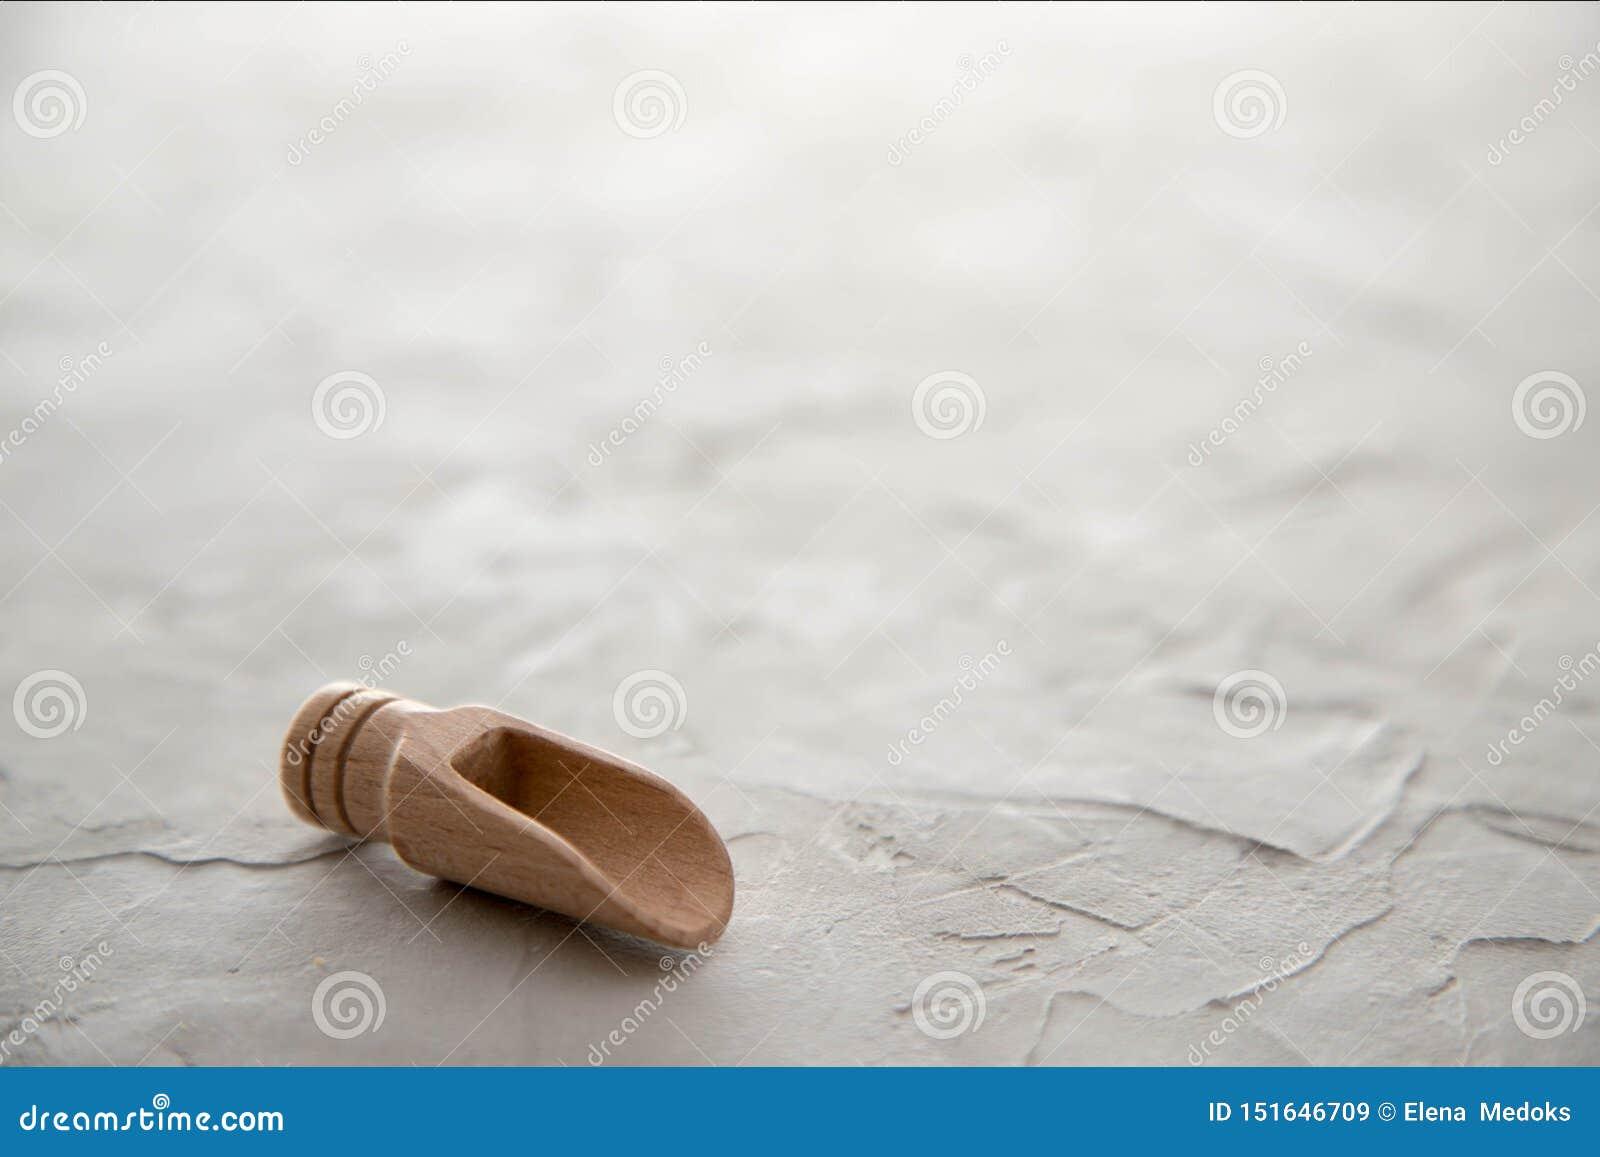 Een lege houten lepel voor kruiden ligt op een concrete achtergrond Plaats voor tekst